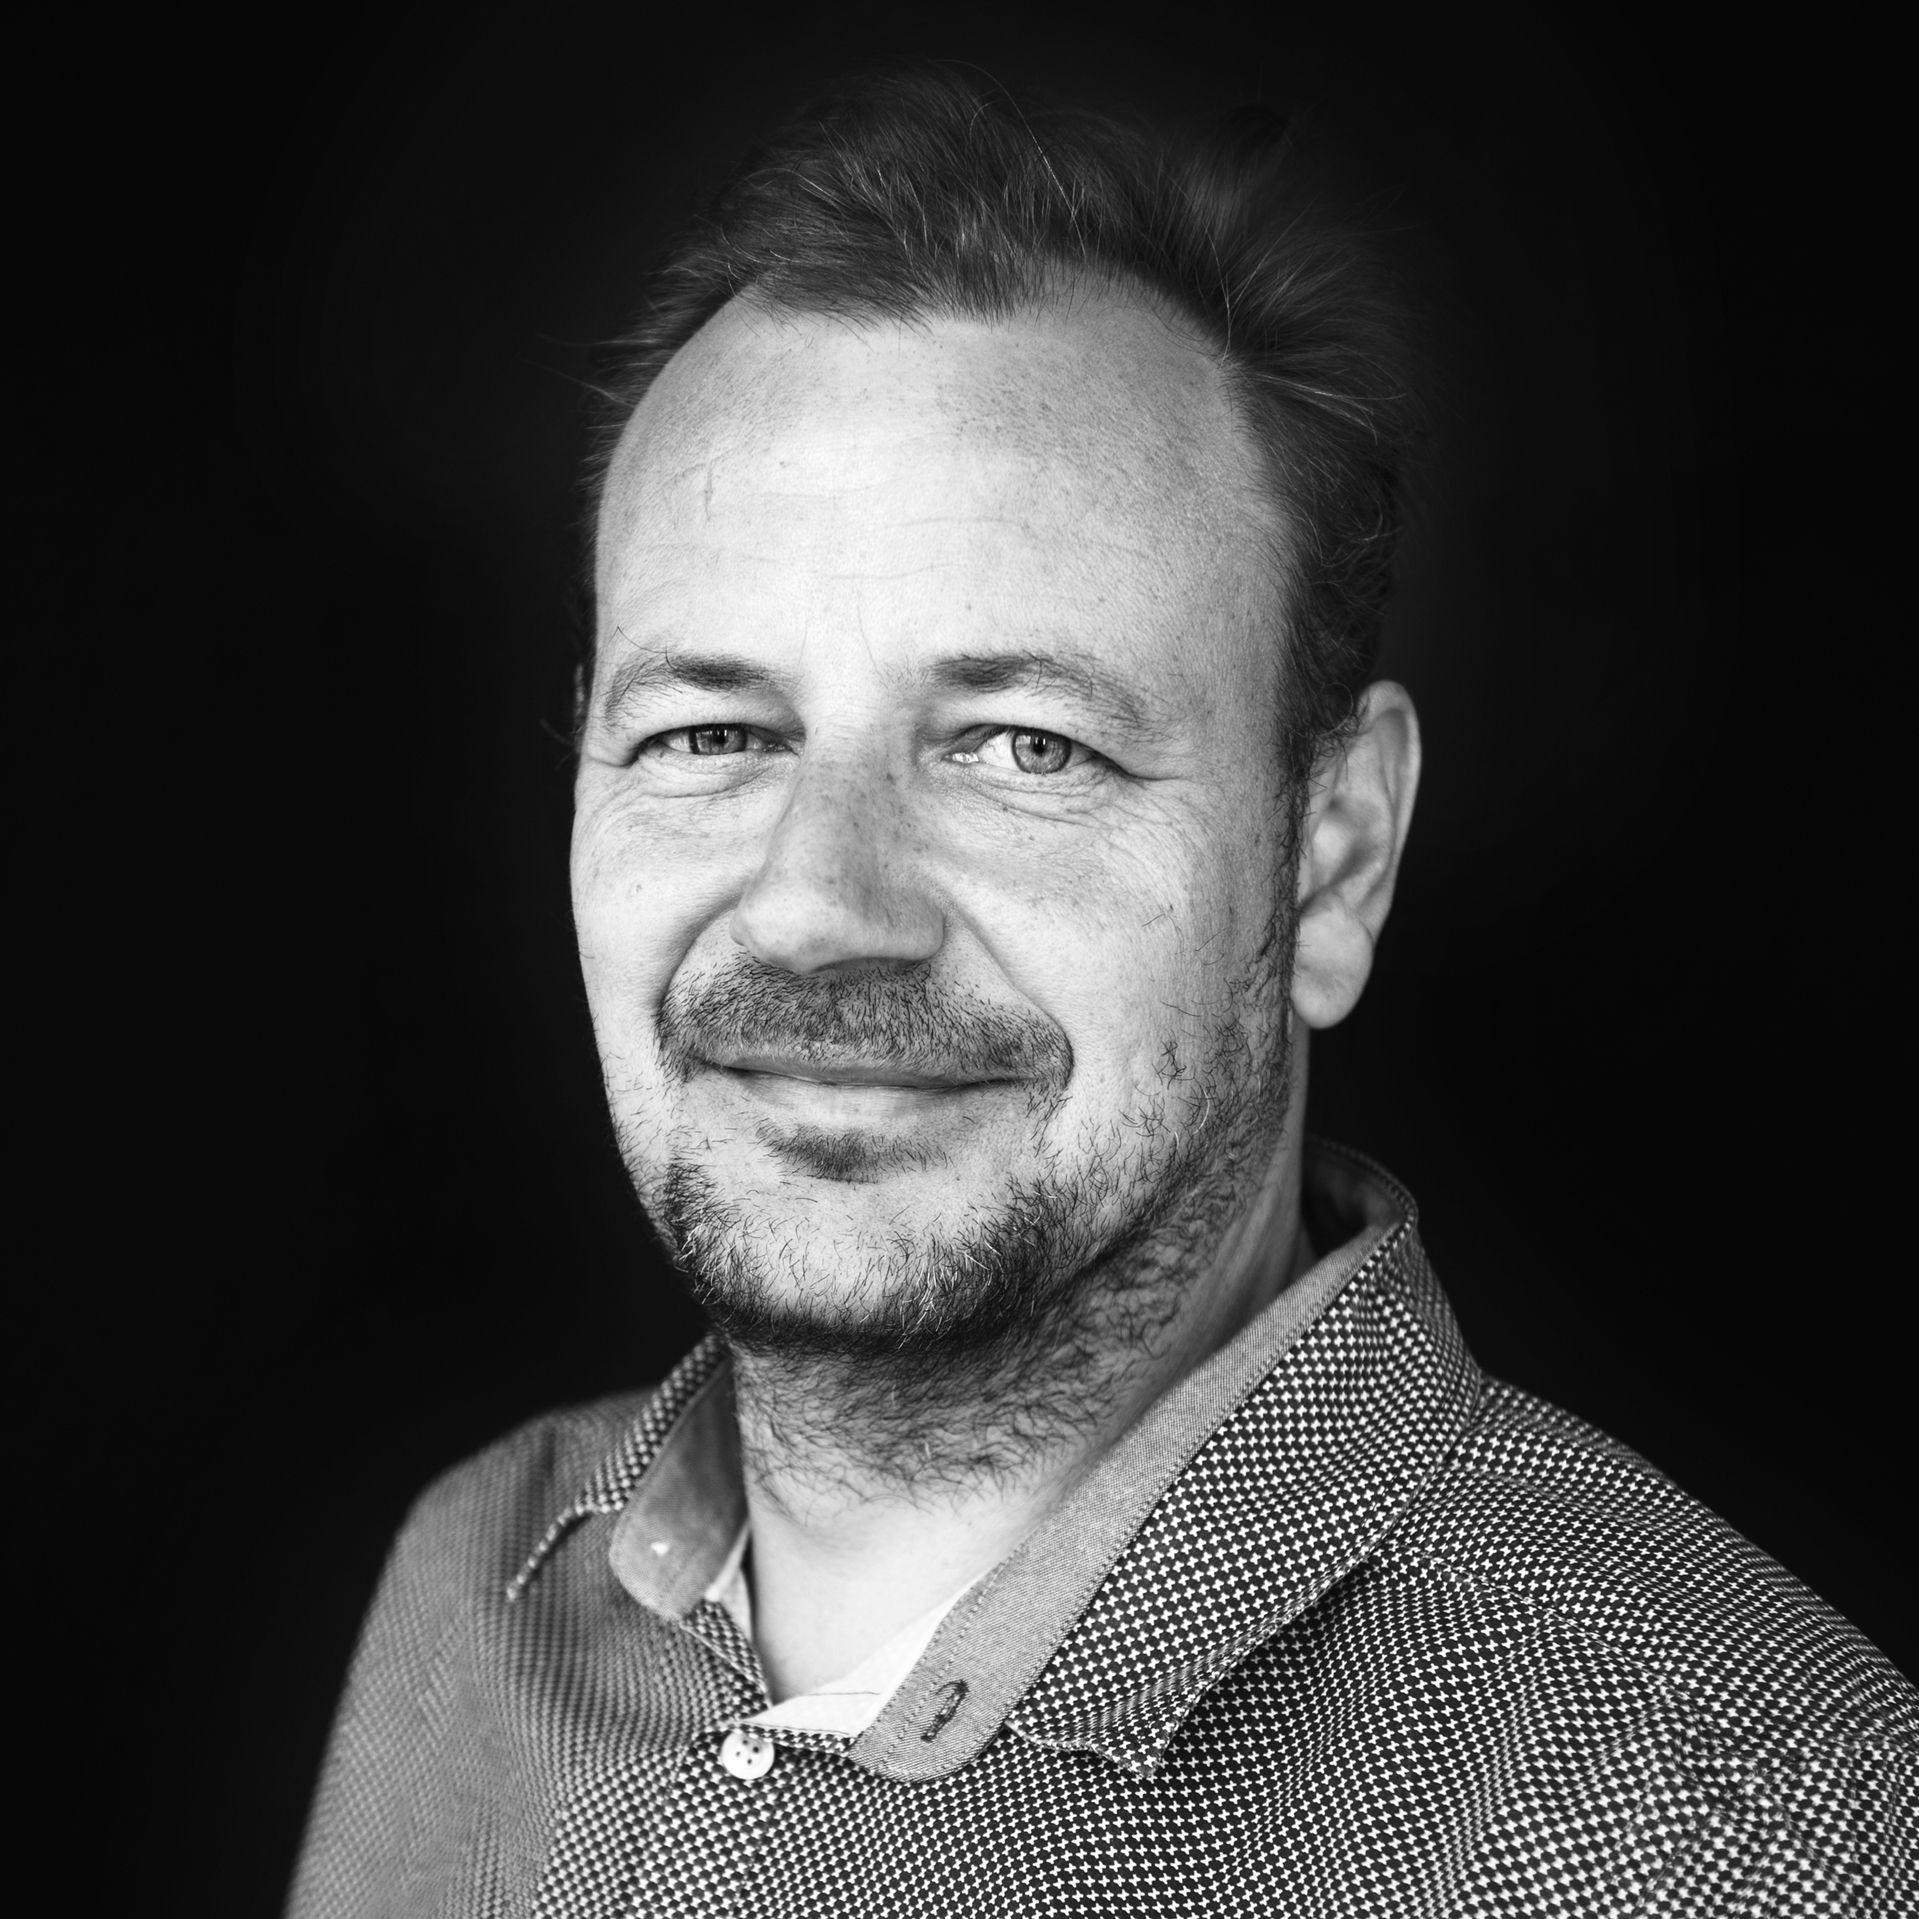 Klaas Daane Bolier